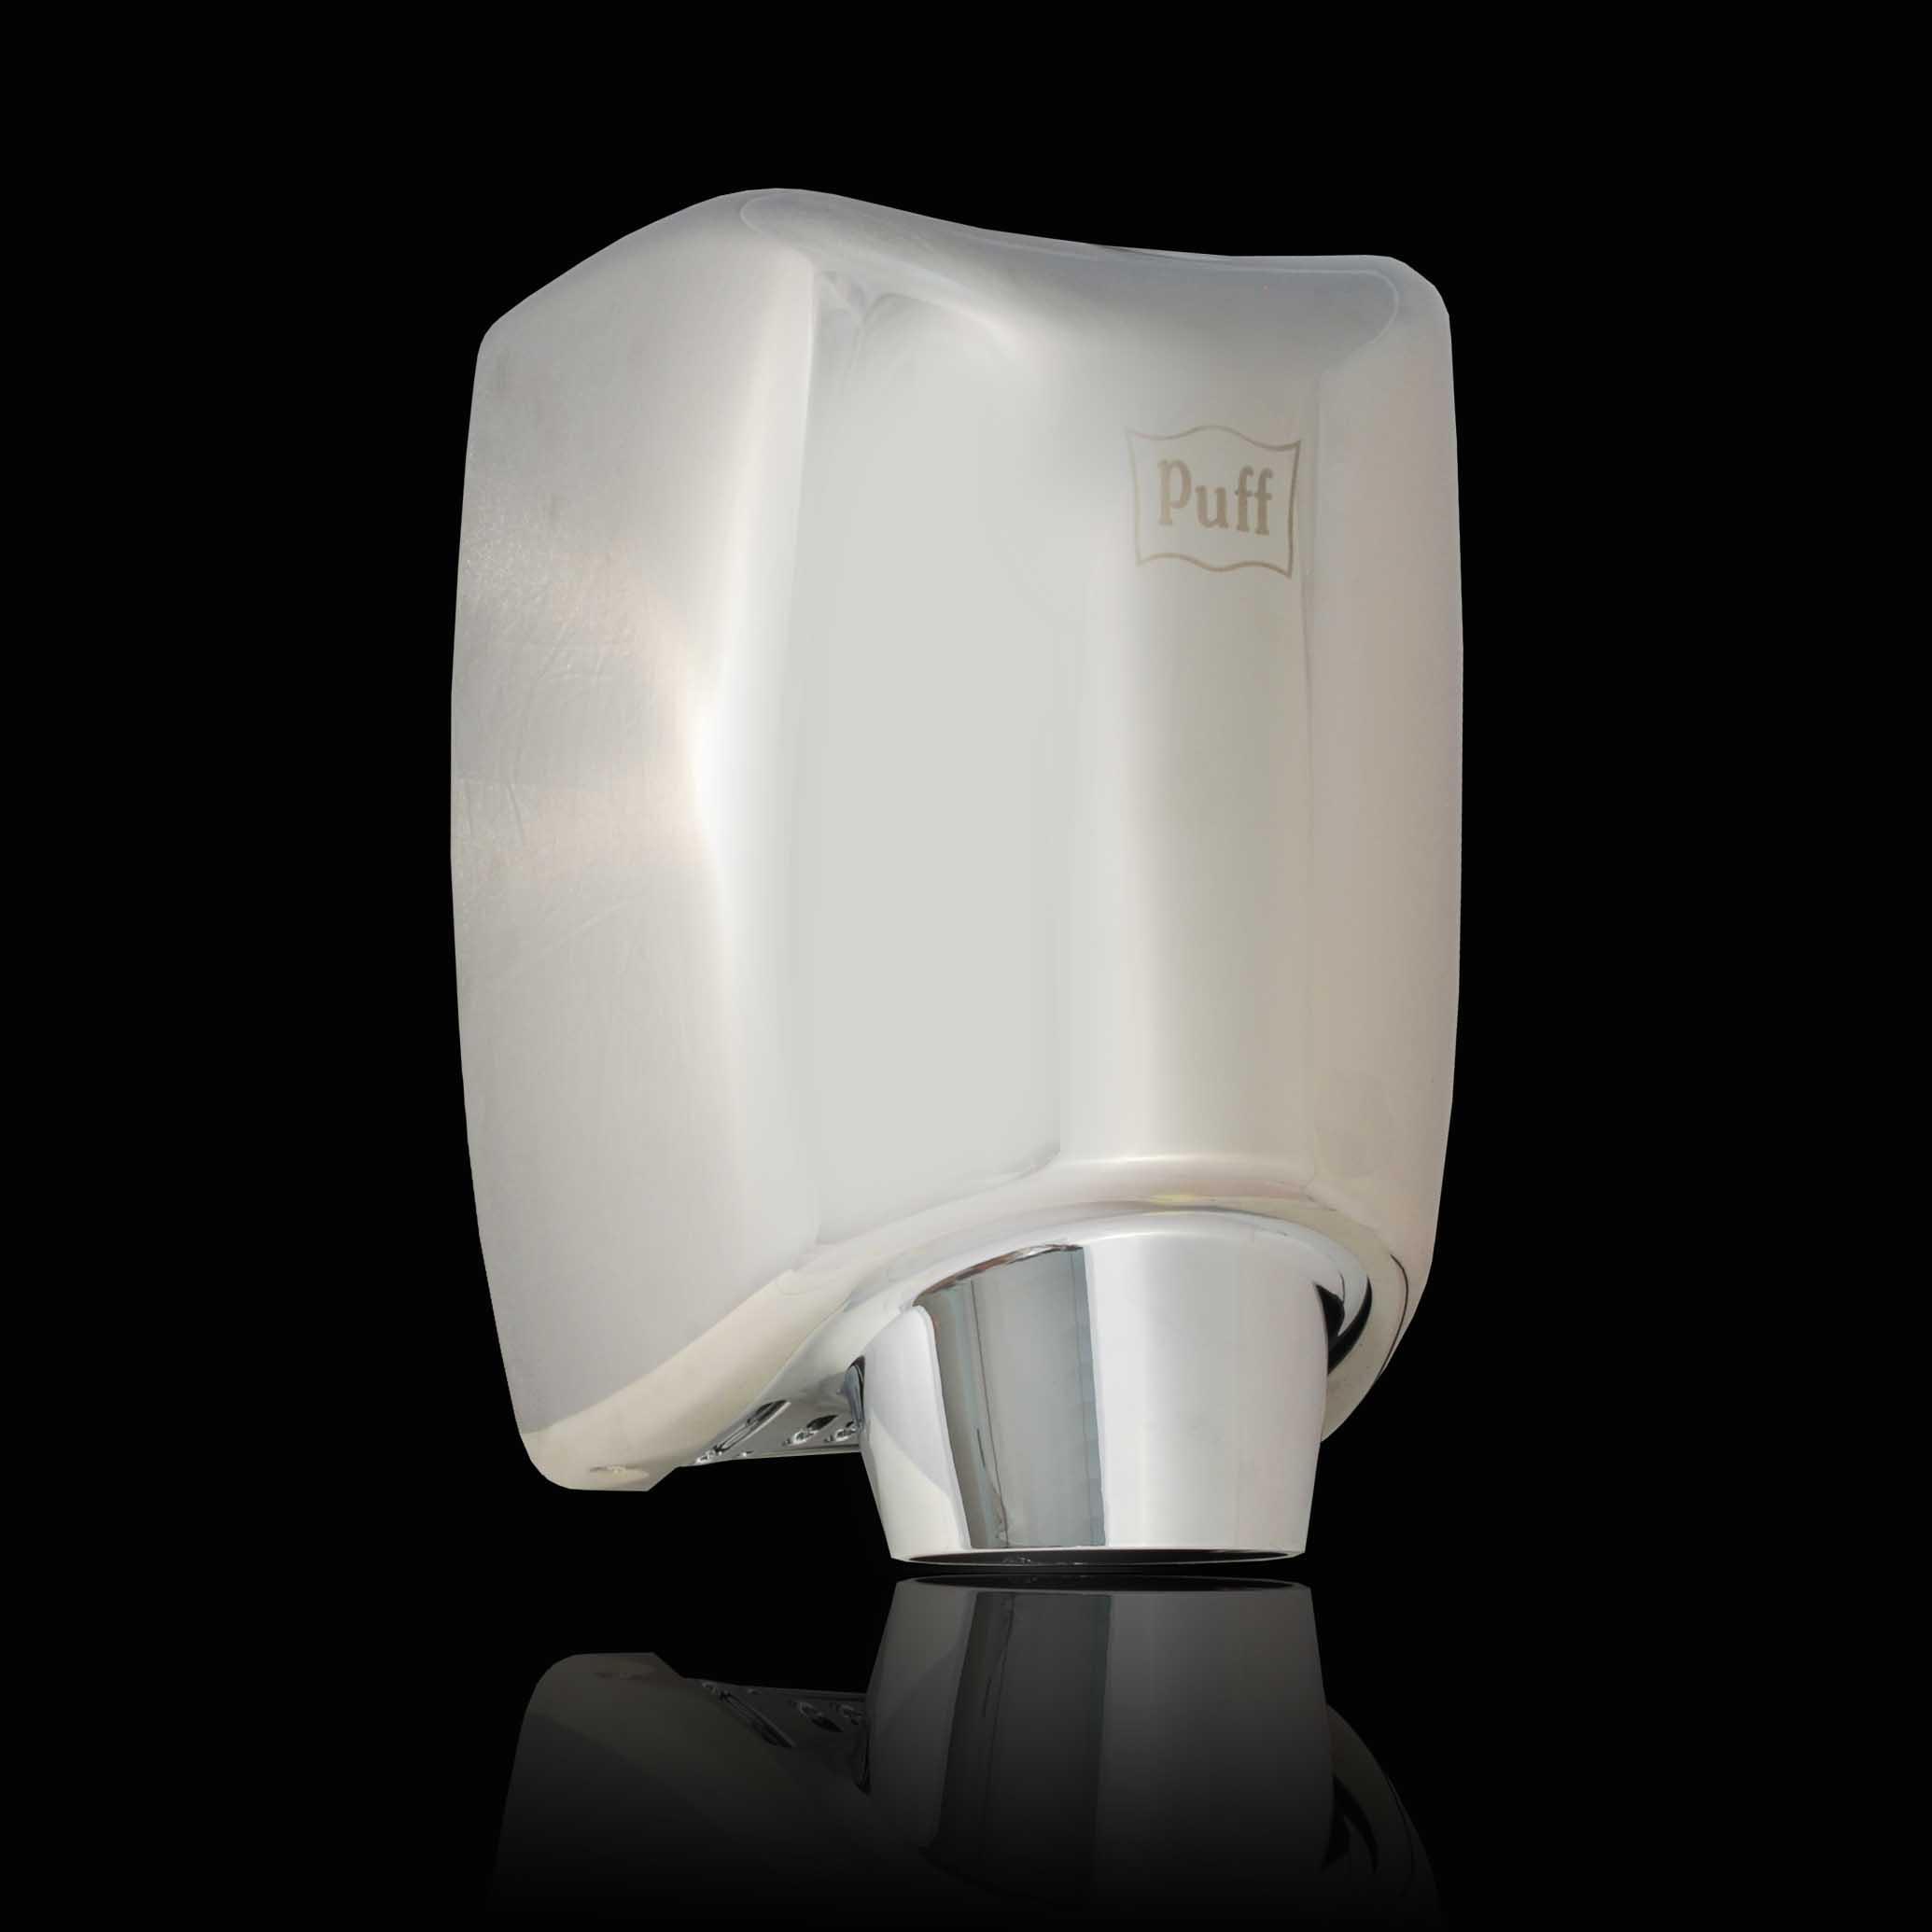 Антивандальная Высокоскоростная сушилка для рукPuff-8856 Материал корпуса:сталь Цвет: хром Мощность (Вт): 1 200 Напряжение (В/Гц): 220 / 50-60 Скорость воздушного потока (м/сек): 50Время сушки рук (сек): 5-7 Габаритные размеры (мм) (ШхГхВ):200х235х300 Вес нетто (кг): 5,4 Гарантия: 12 мес.